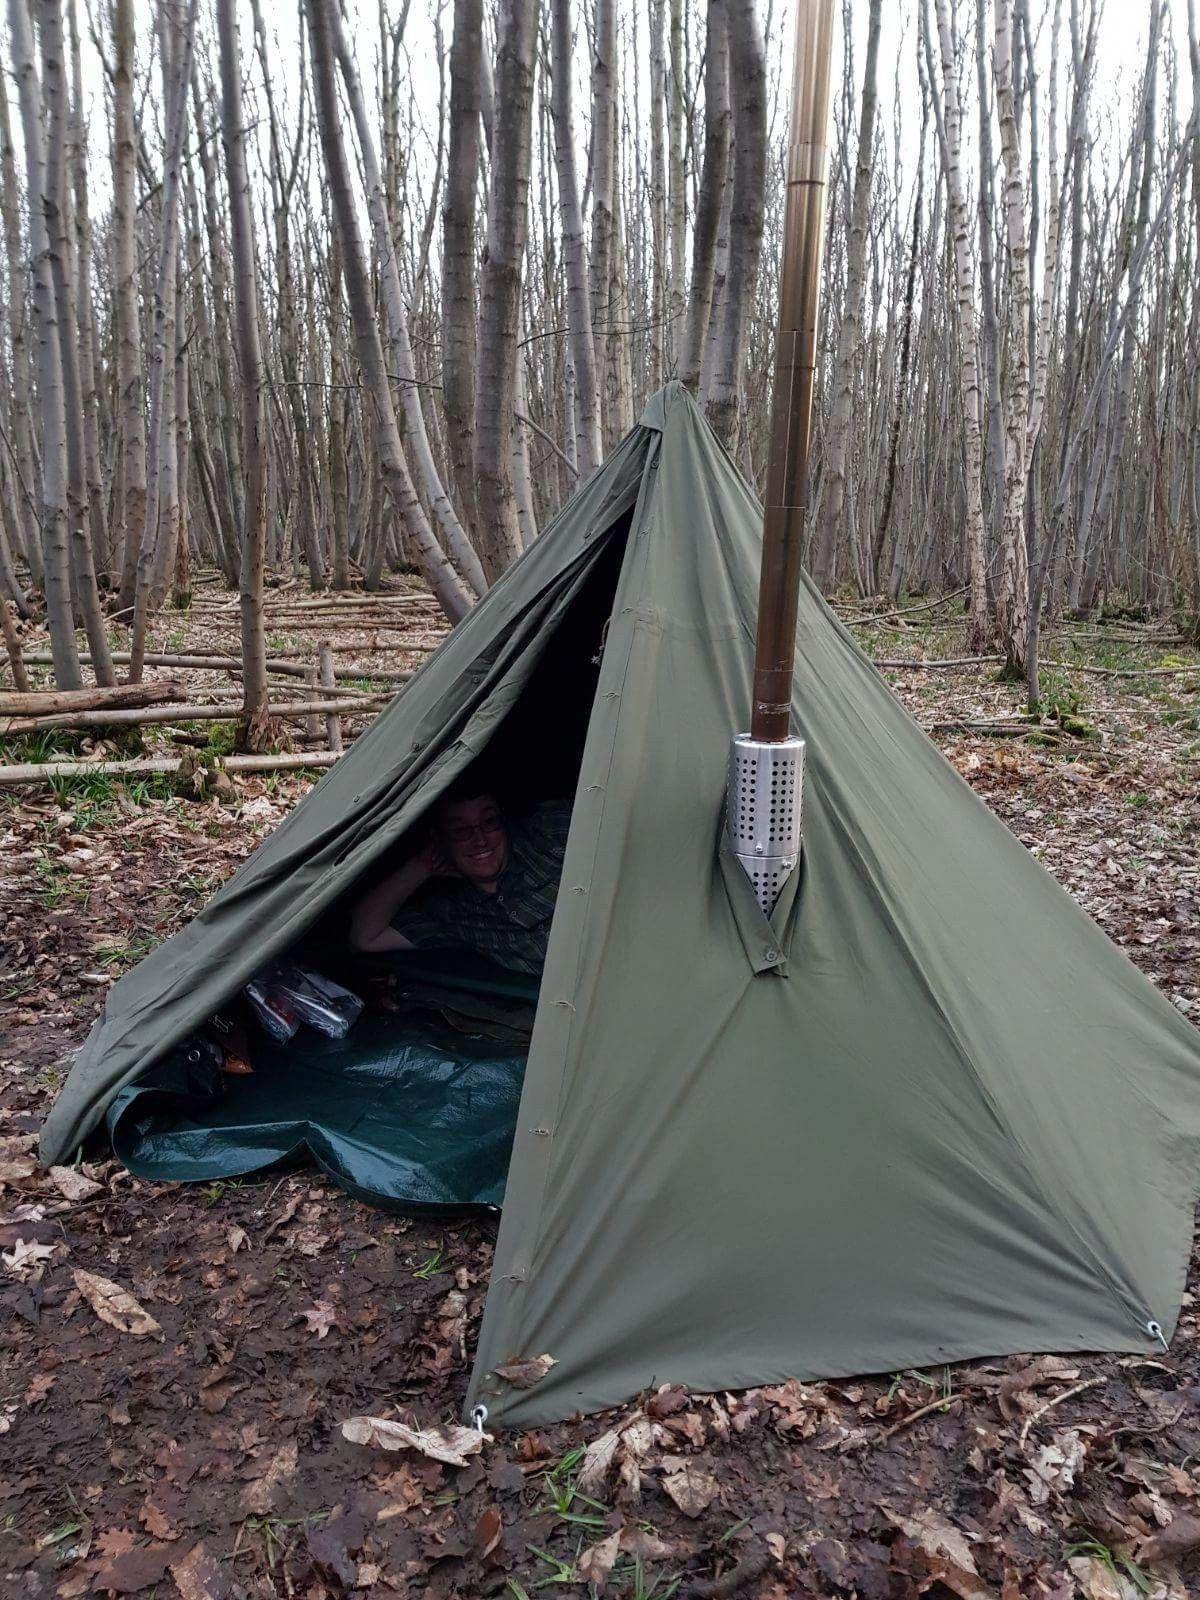 LUXE Outdoor Zelte Rucksäcke, Zelte & Schlafen Bushcraft